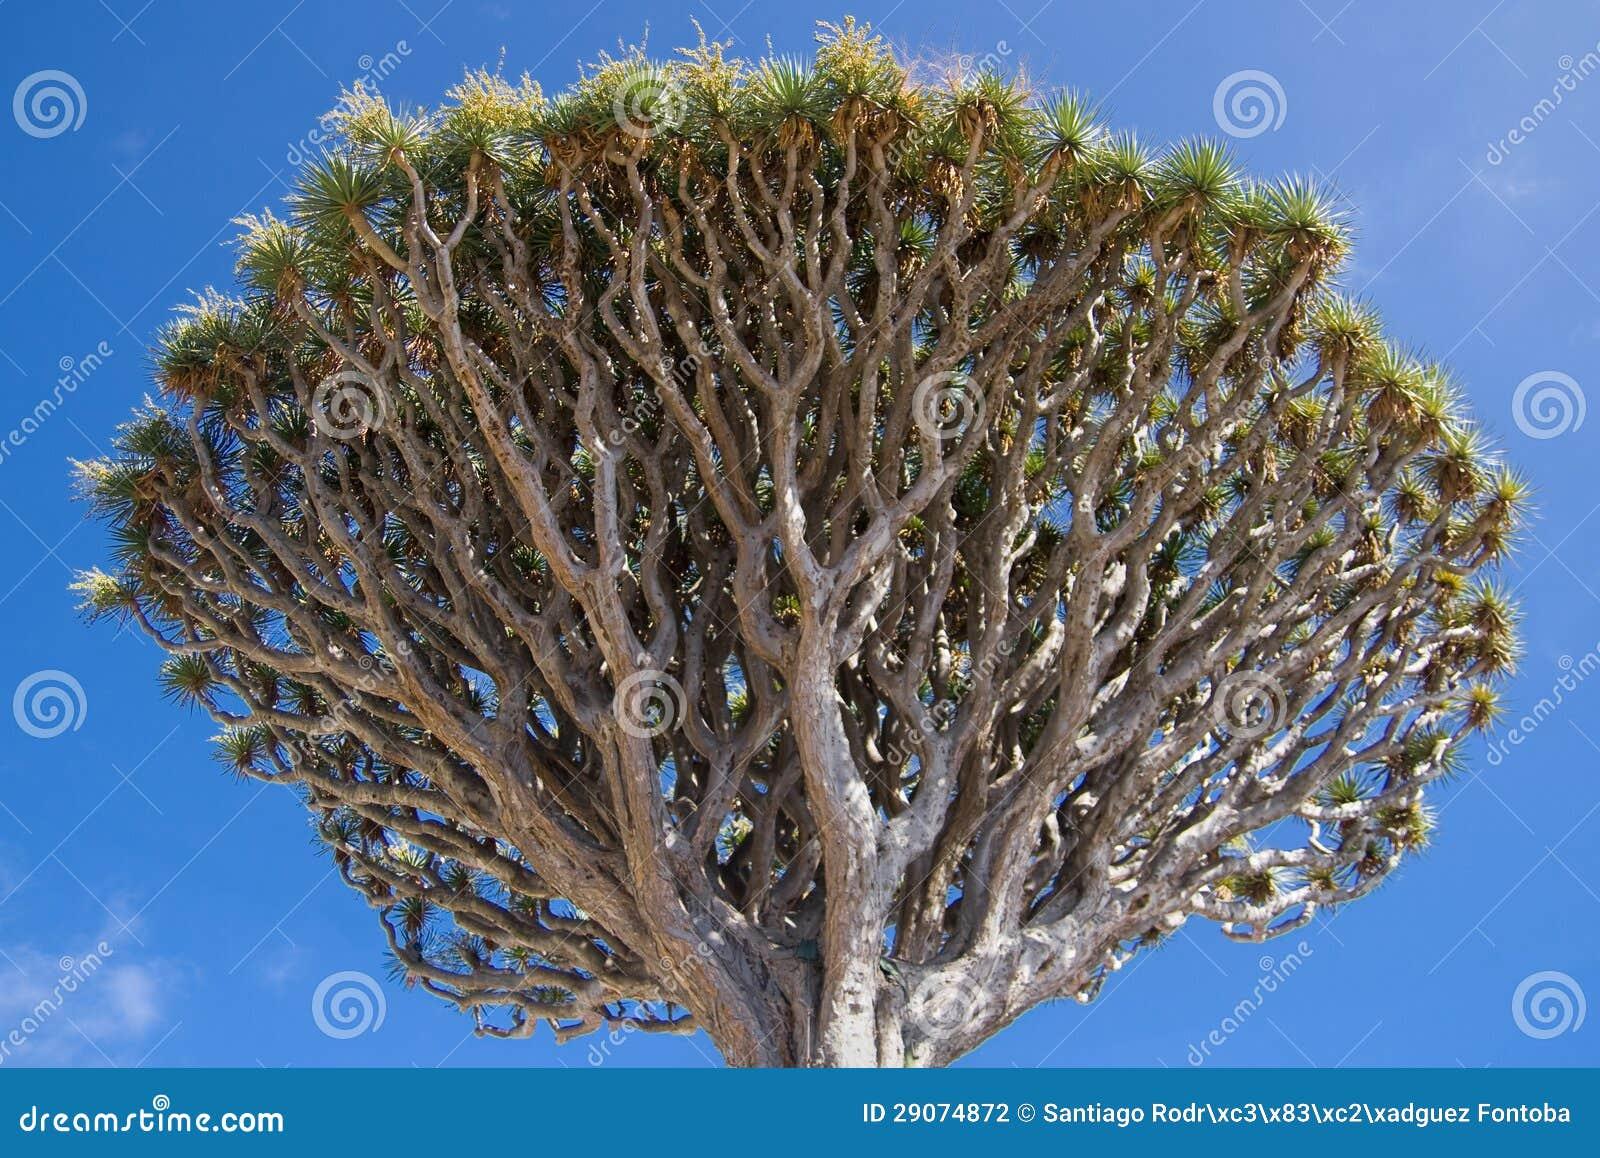 Dracaena Draco treetop